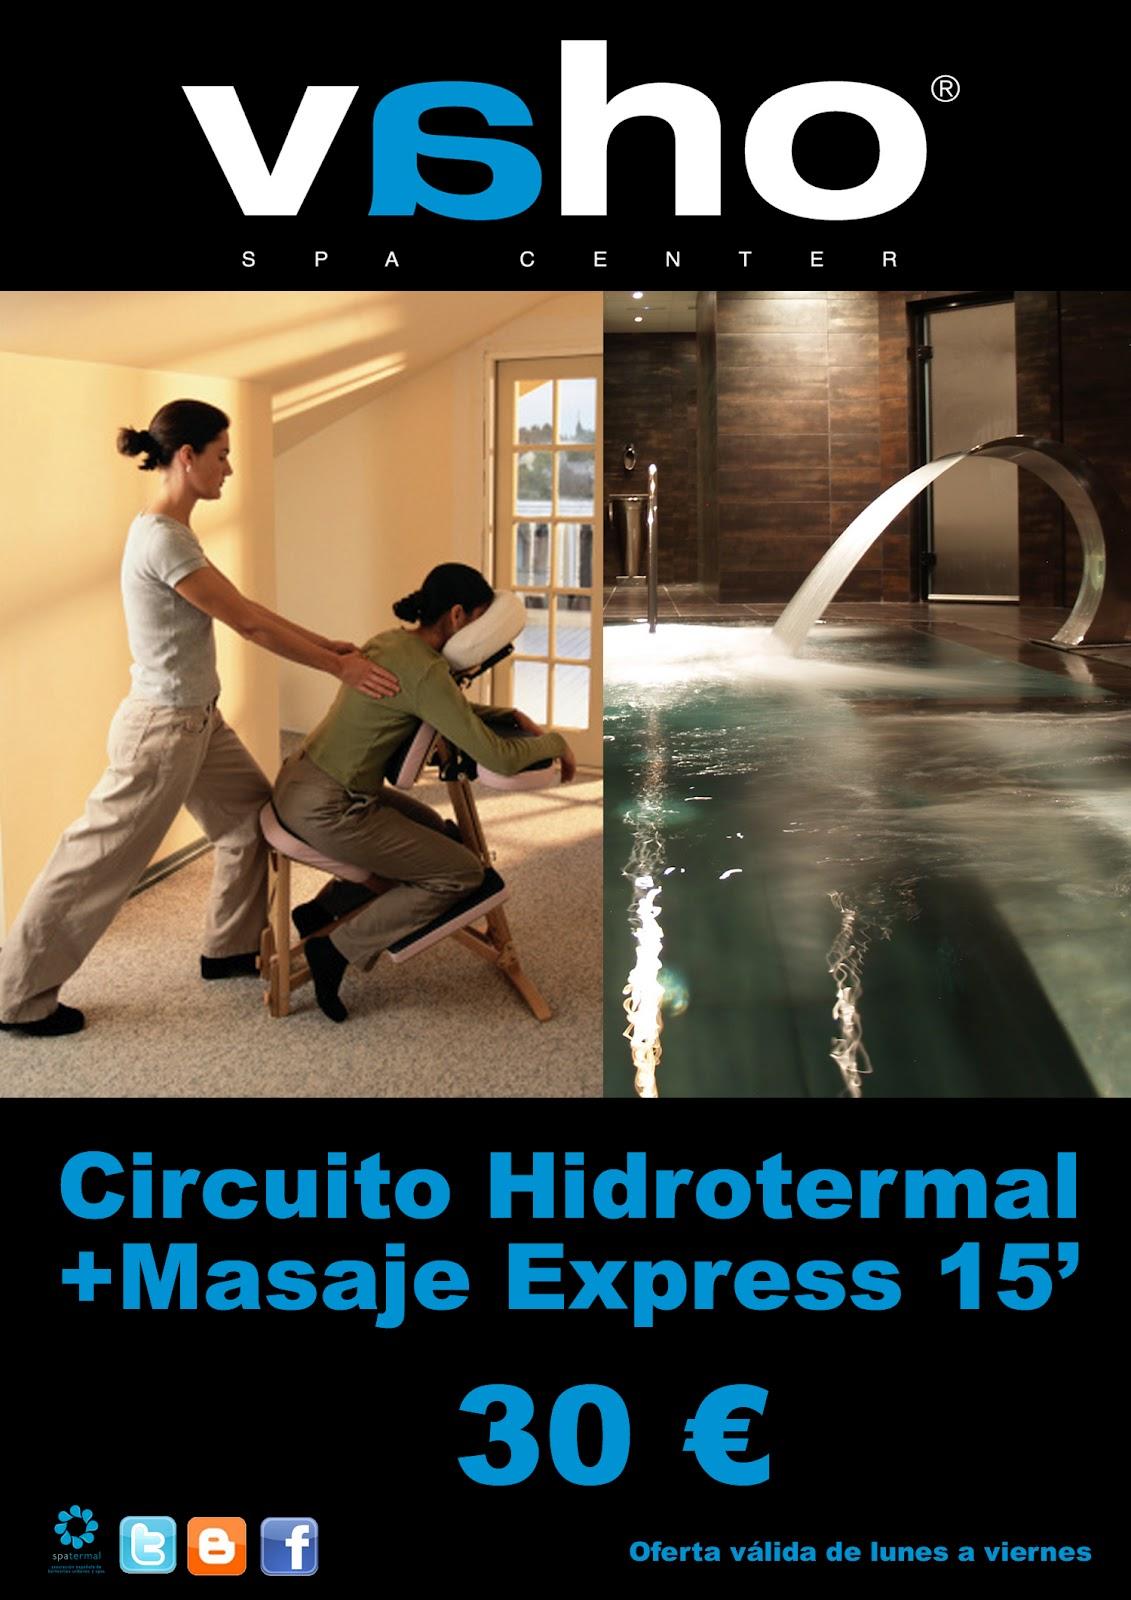 Circuito Hidrotermal : Circuito hidrotermal masaje express vaho spa center